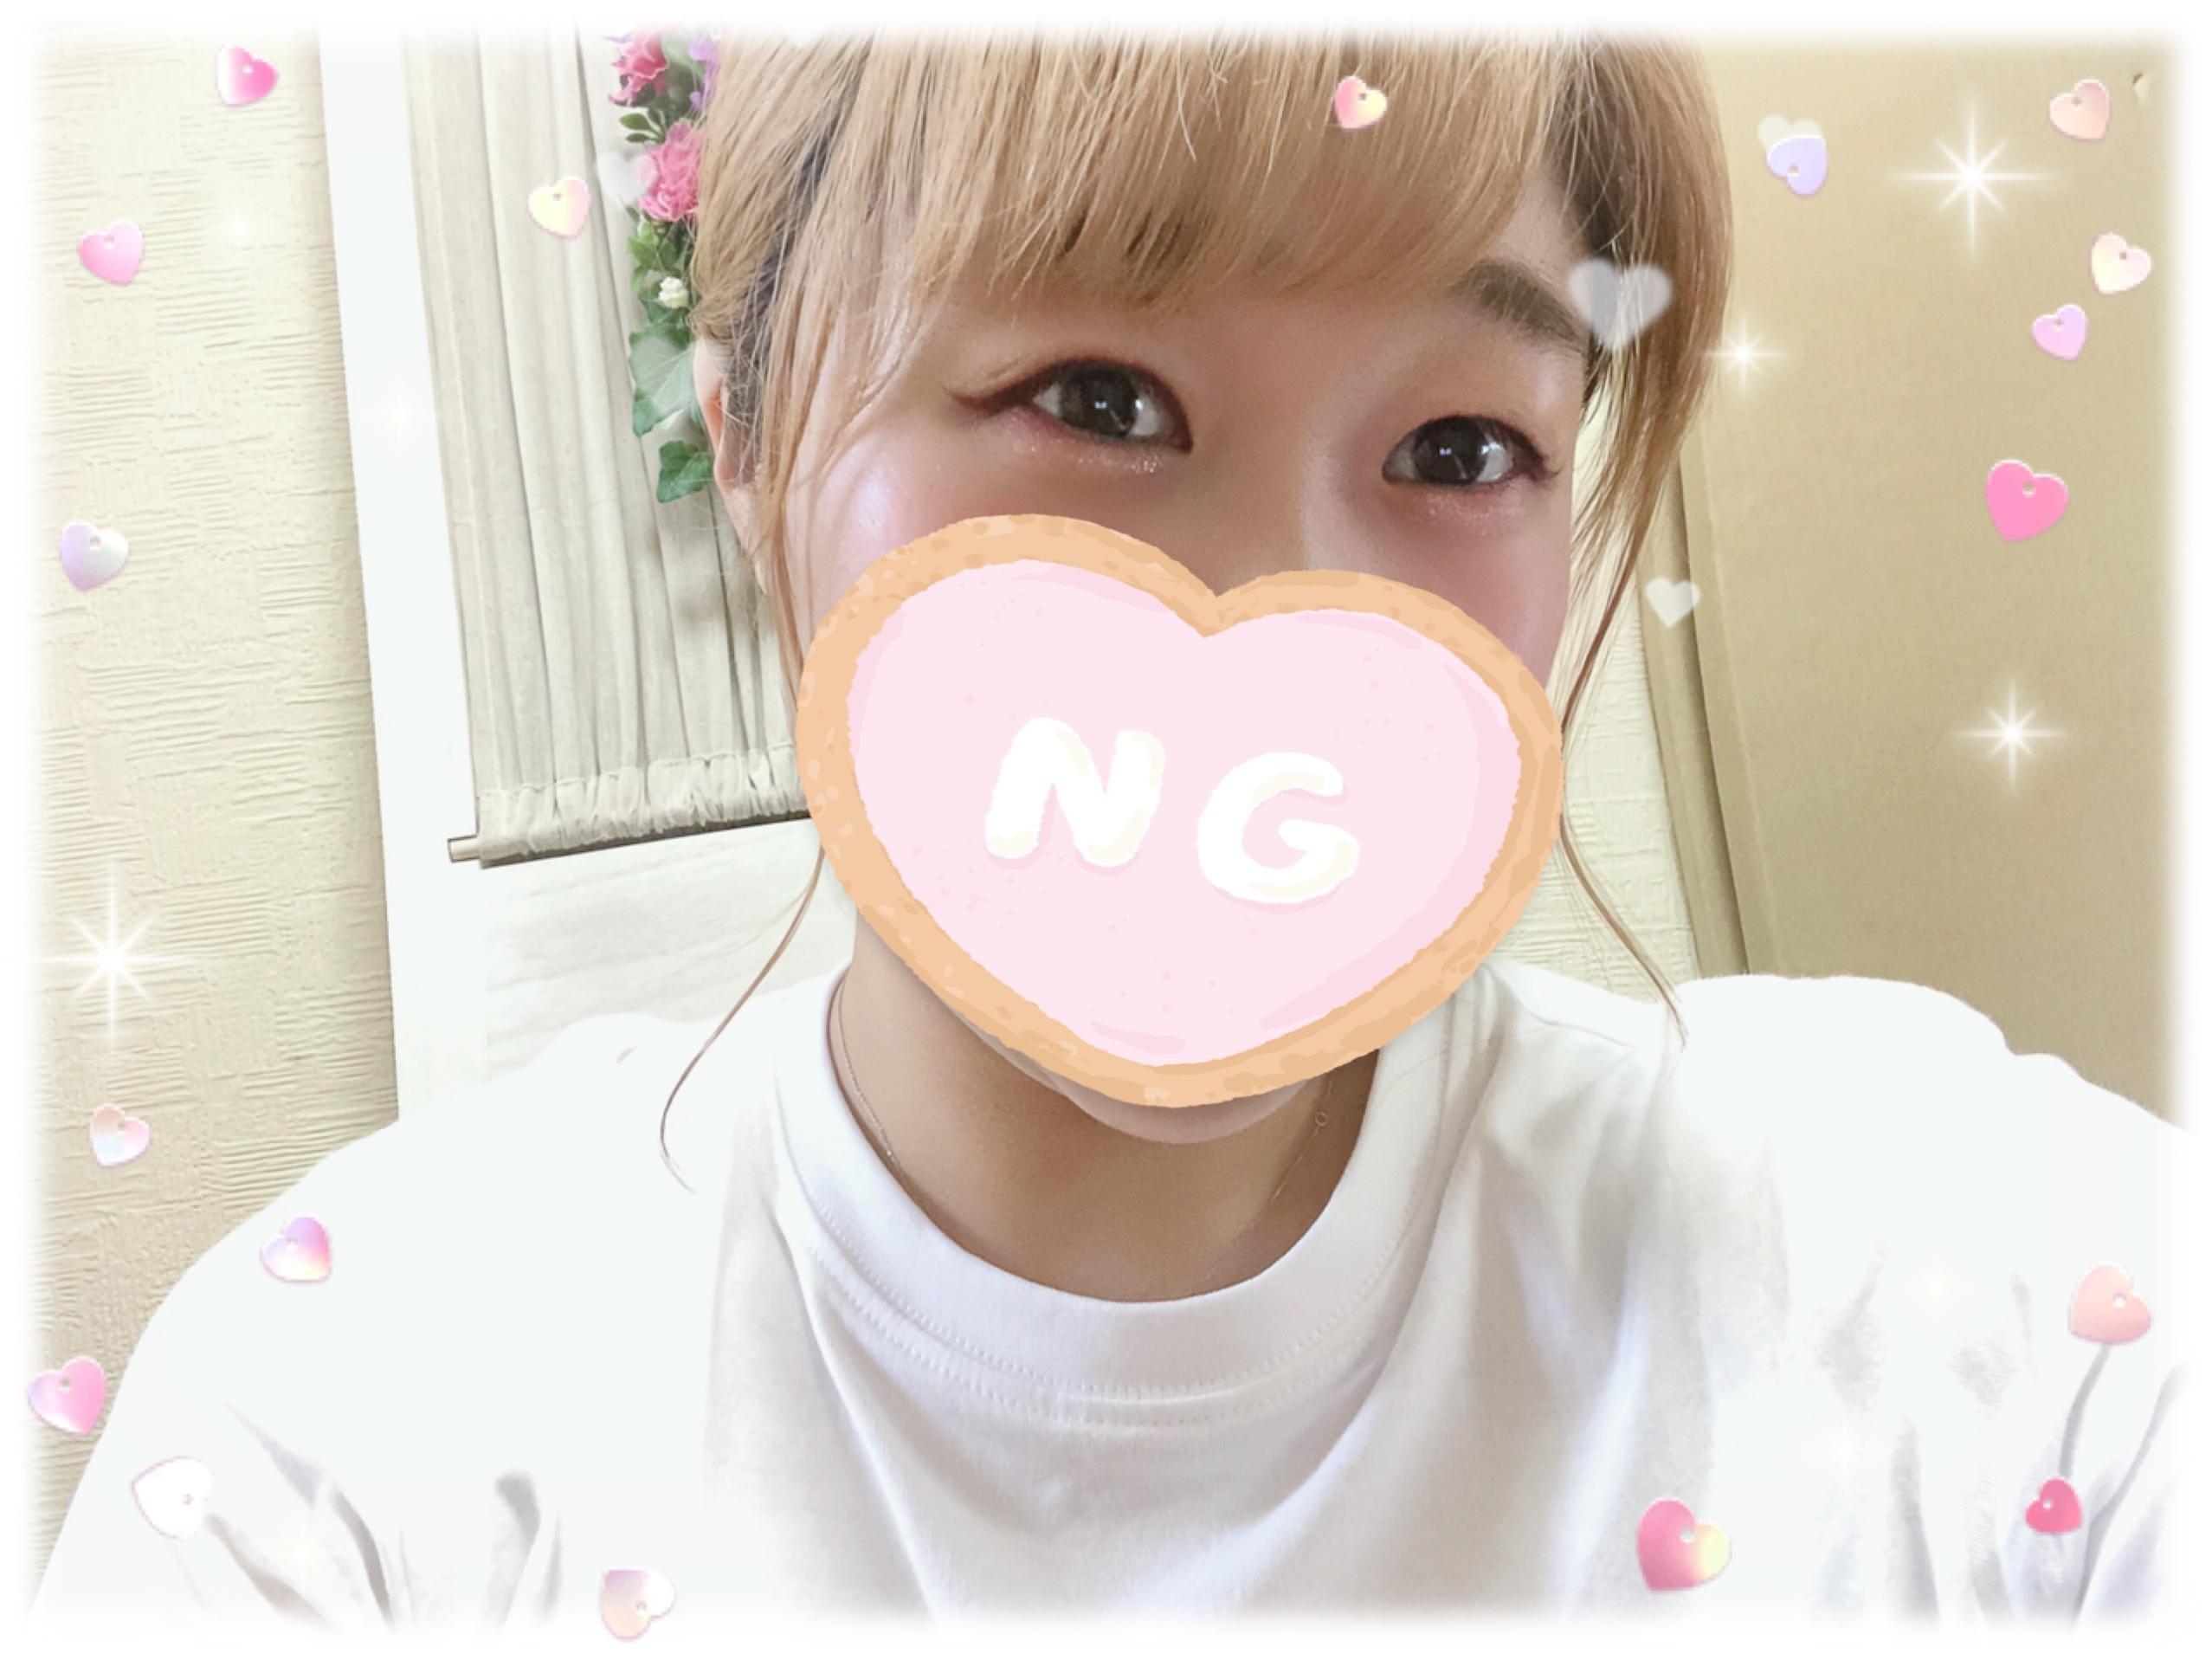 「昨日のお礼 ♪♪」06/15(火) 10:28   いちごっちの写メ